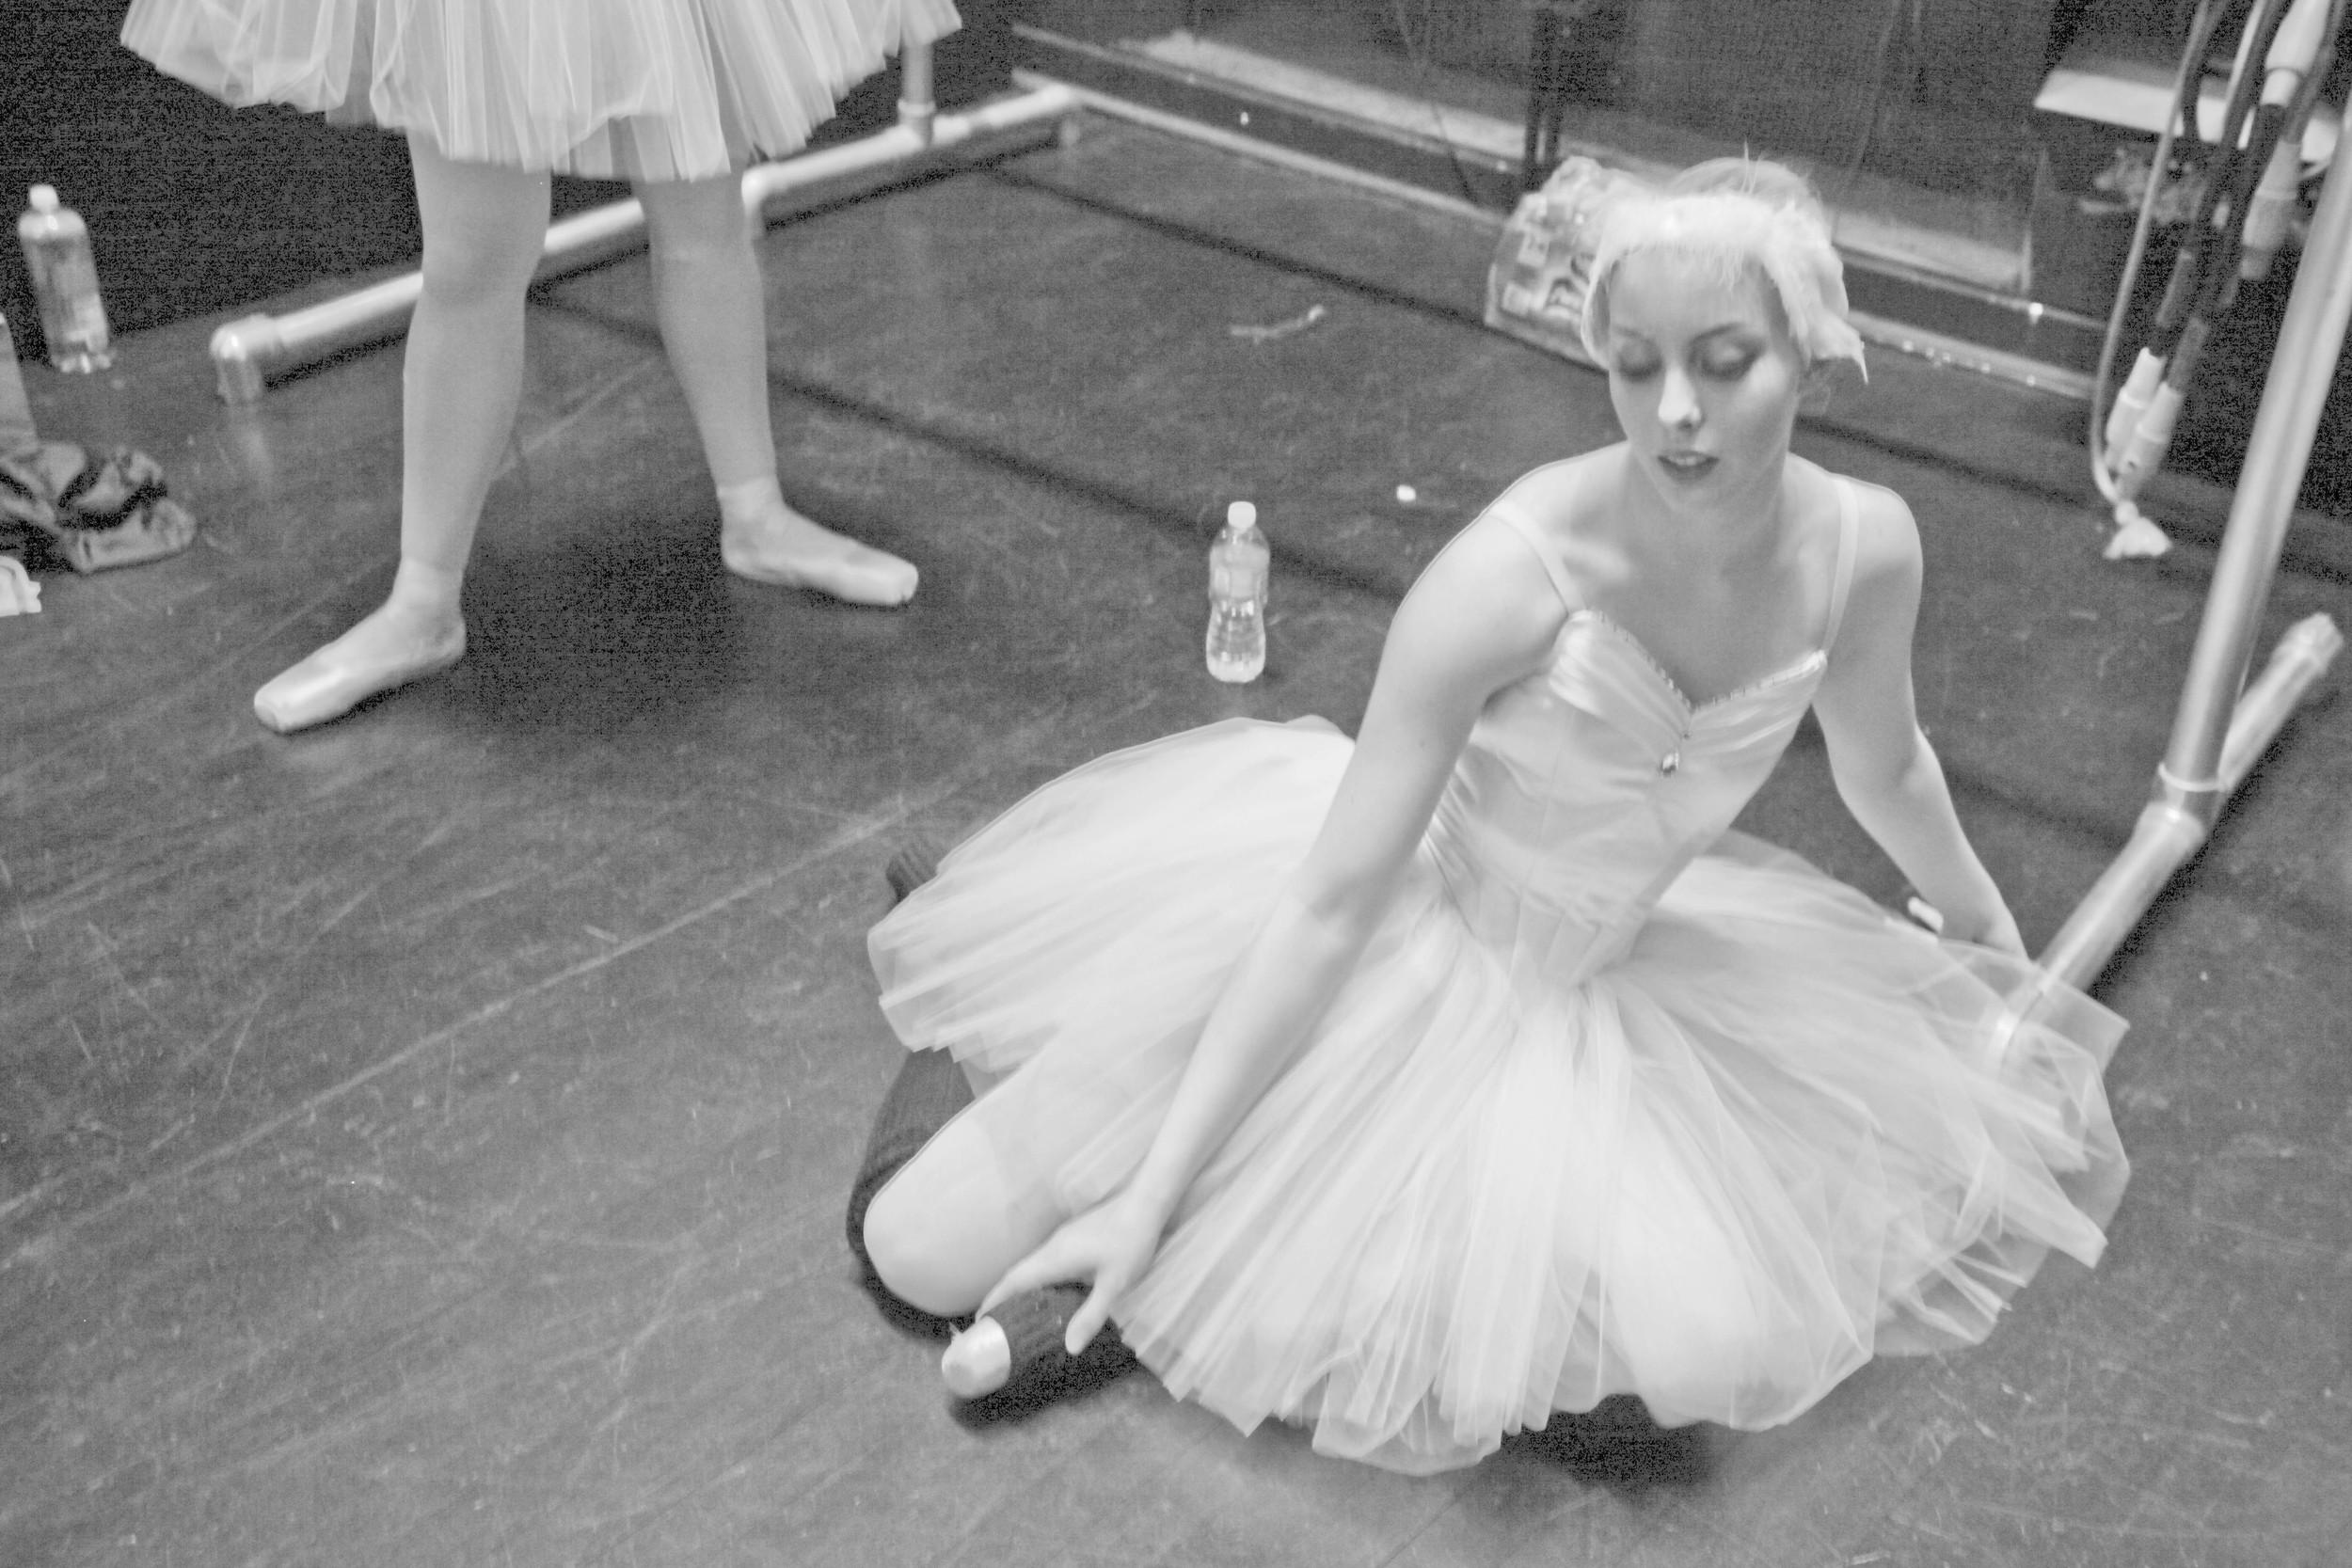 2013-spring-balletchicago_2.jpg